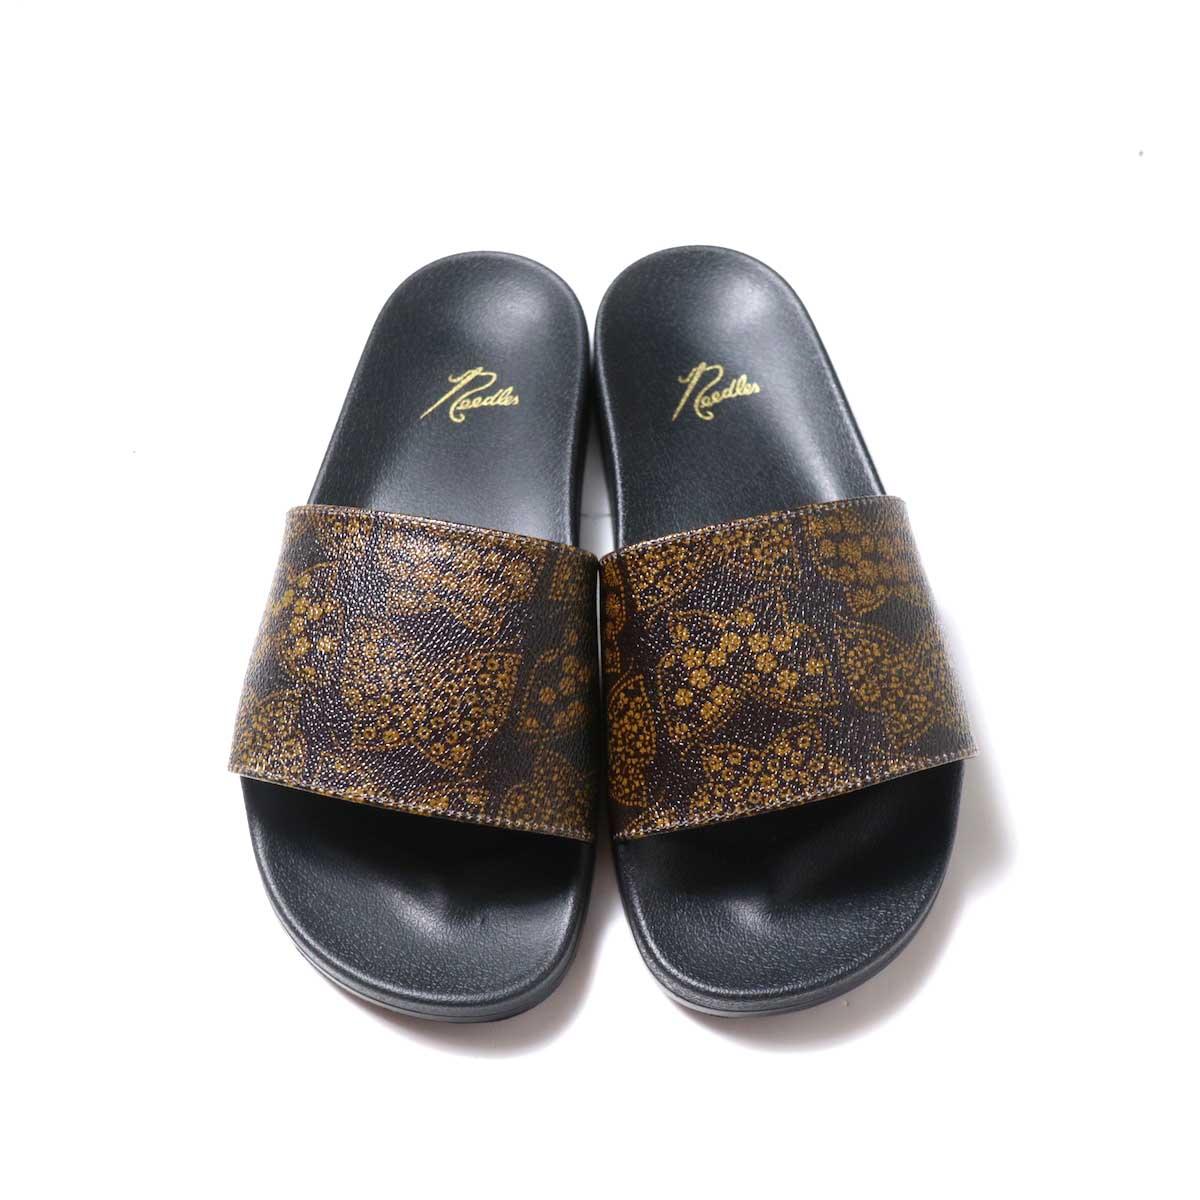 NEEDLES / Shower Sandals -Papillon PVC (Brown)前